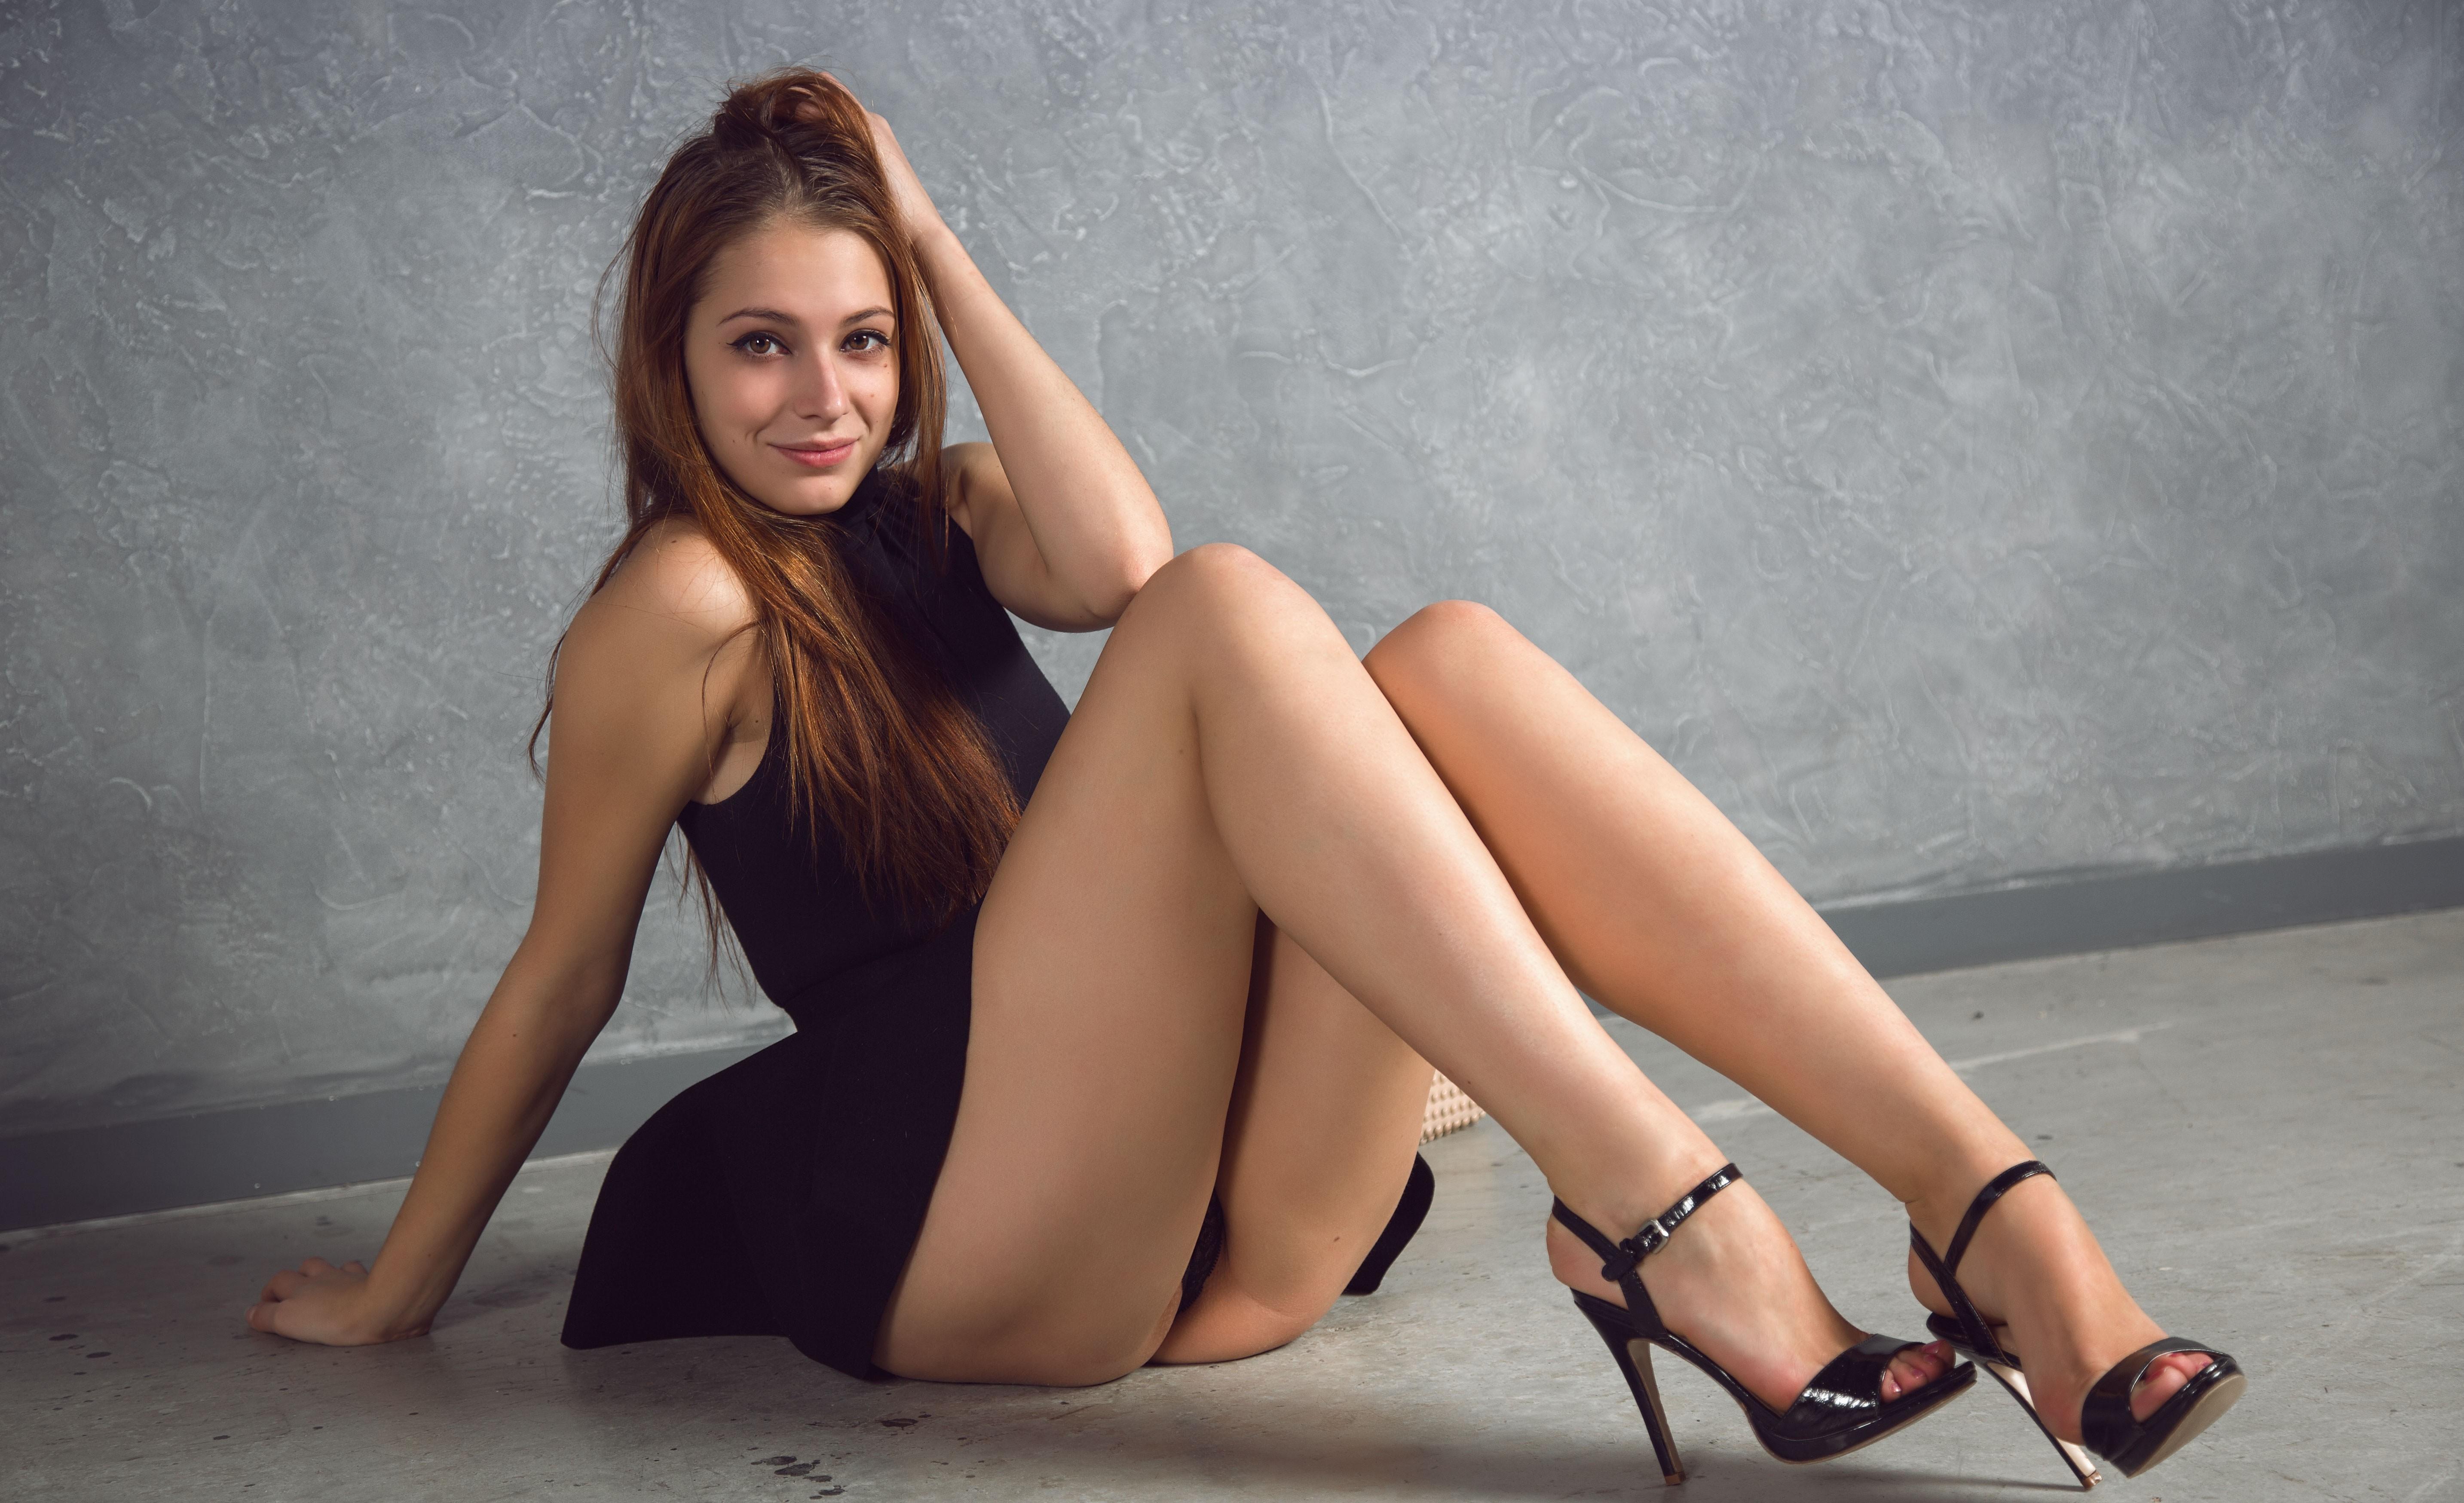 Фото Девушка в черном коротком платье села на пол, сексуальные ножки, трусики видно, скачать картинку бесплатно